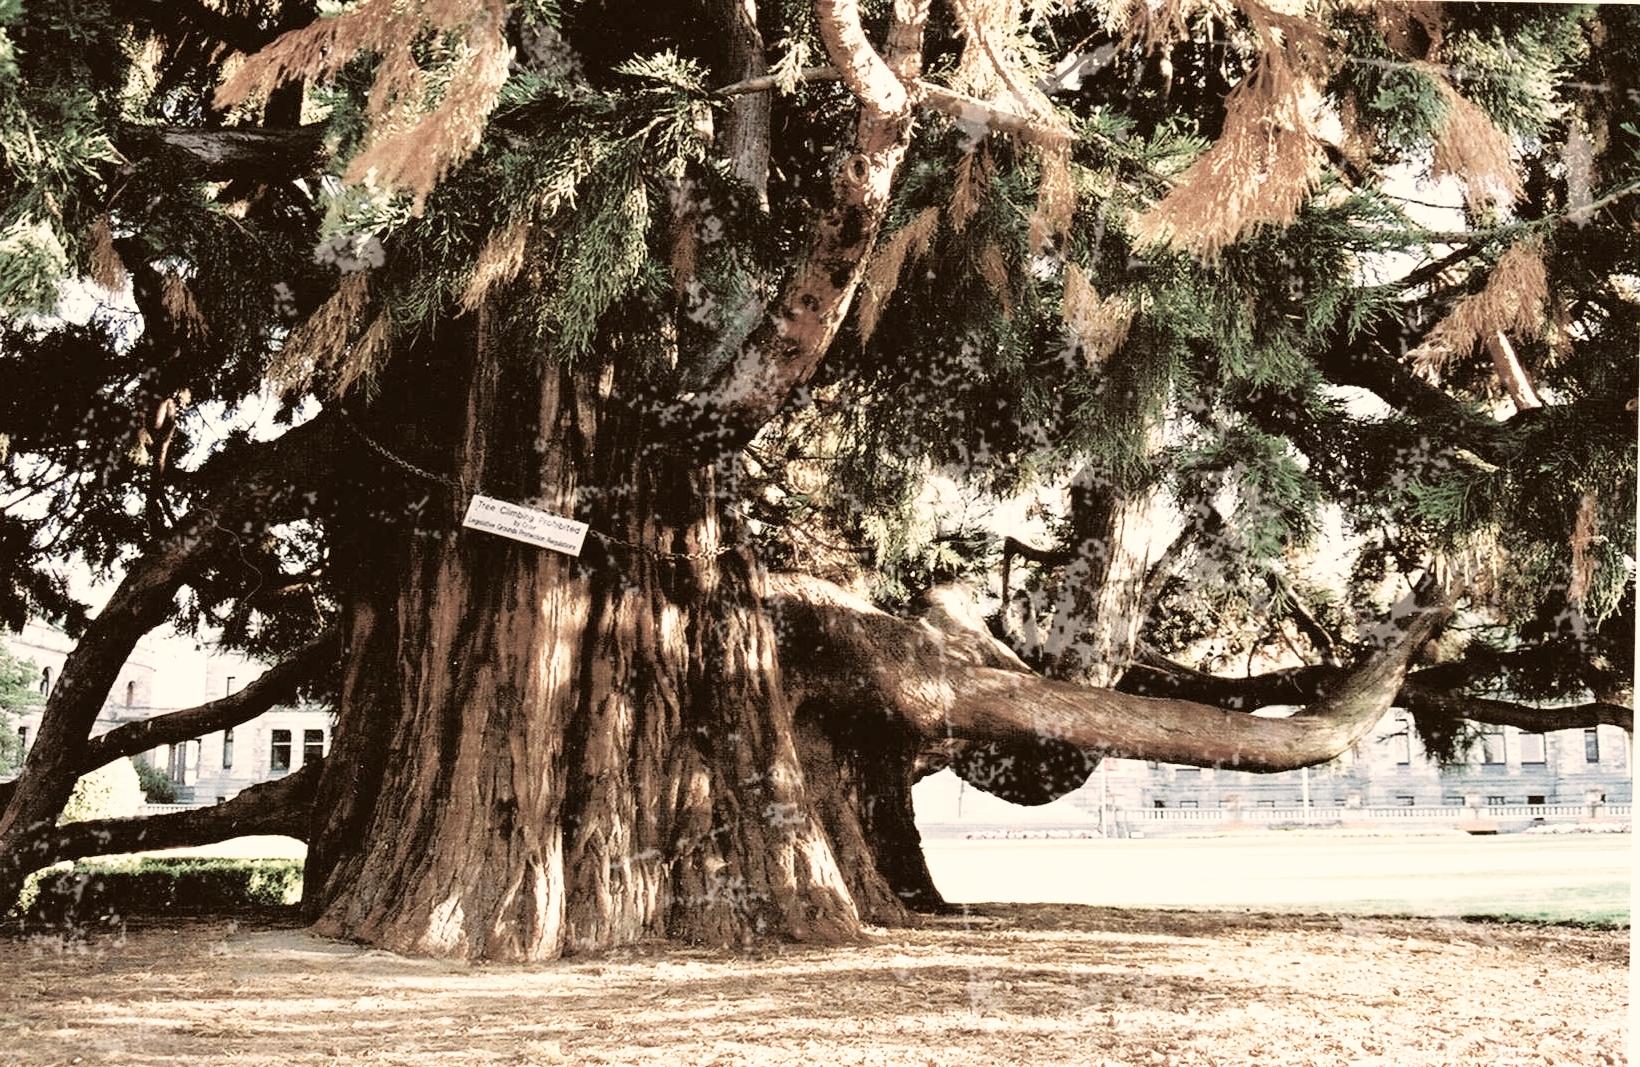 Arbre, Victoria 2000 retouché